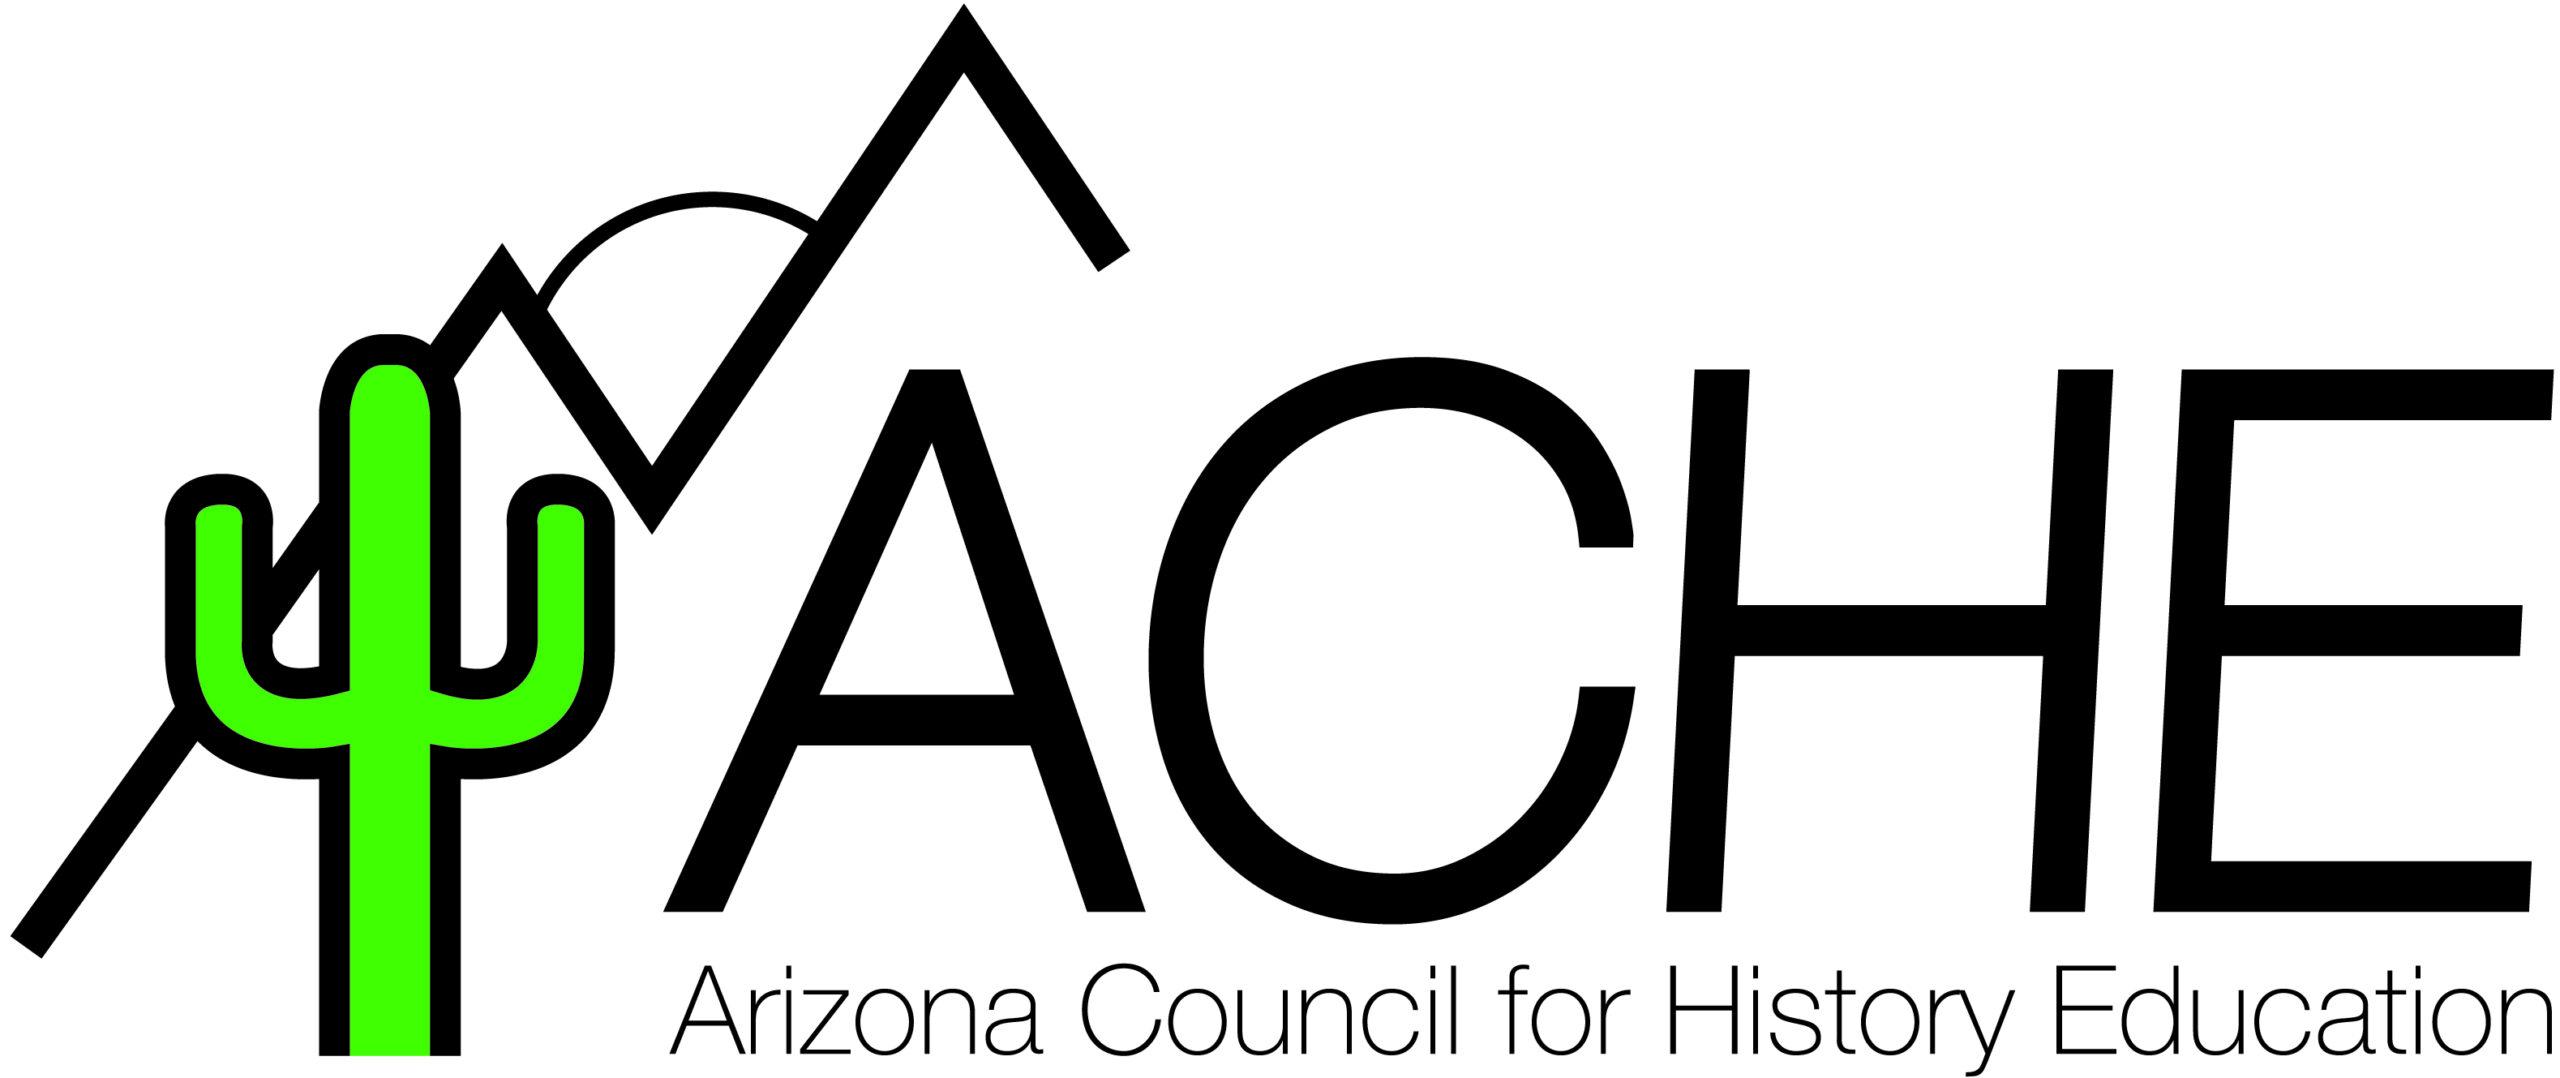 Arizona Council for History Education